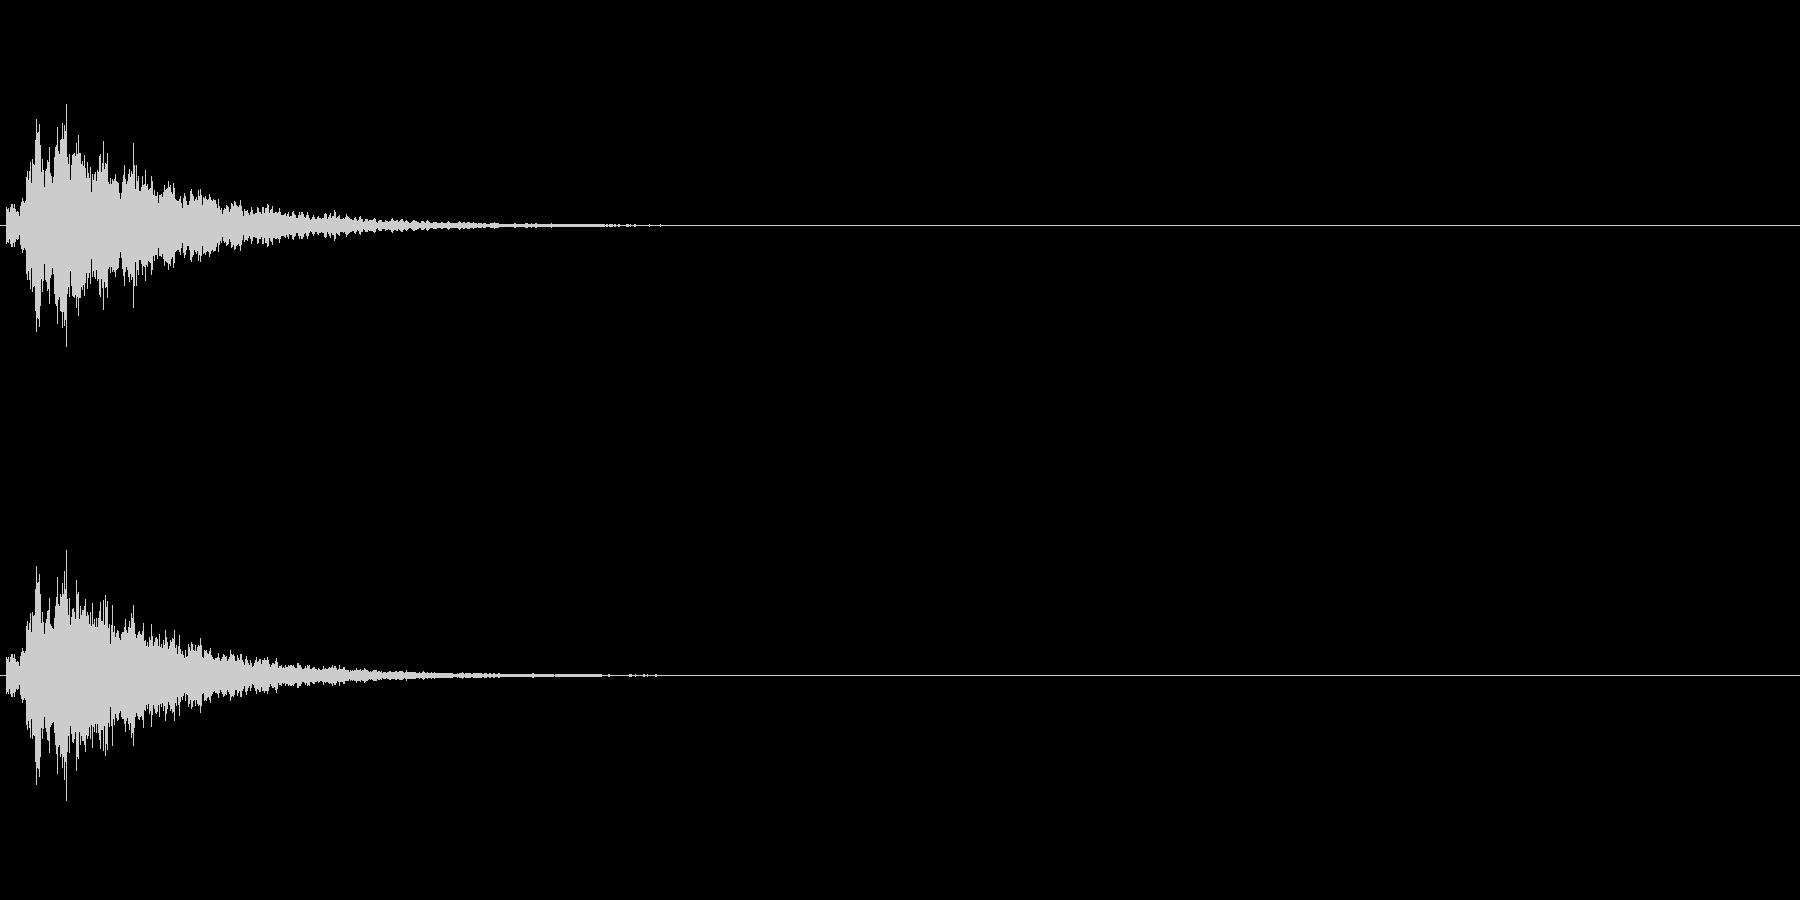 ベルツリー (シャン)の未再生の波形